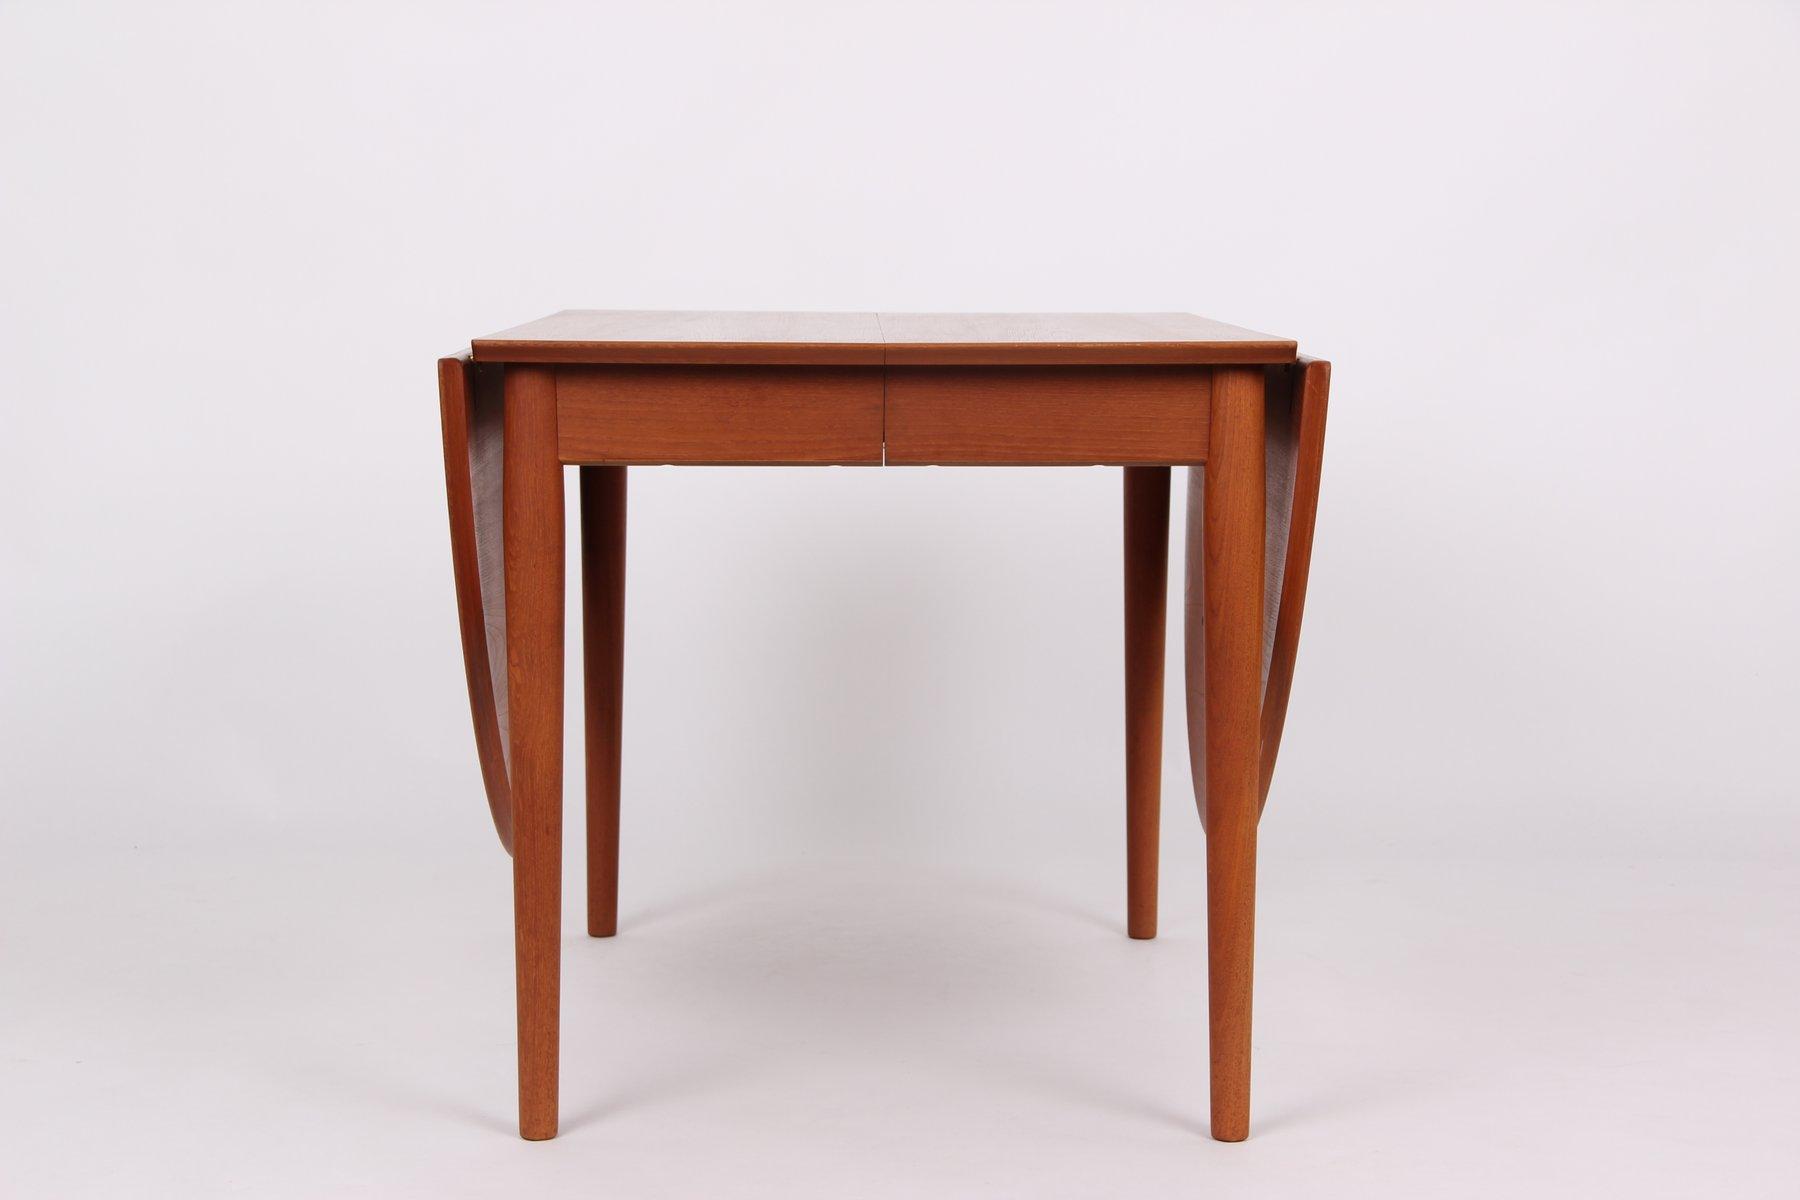 Modell 227 Teak Esstisch von Arne Vodder für Sibast, 1964